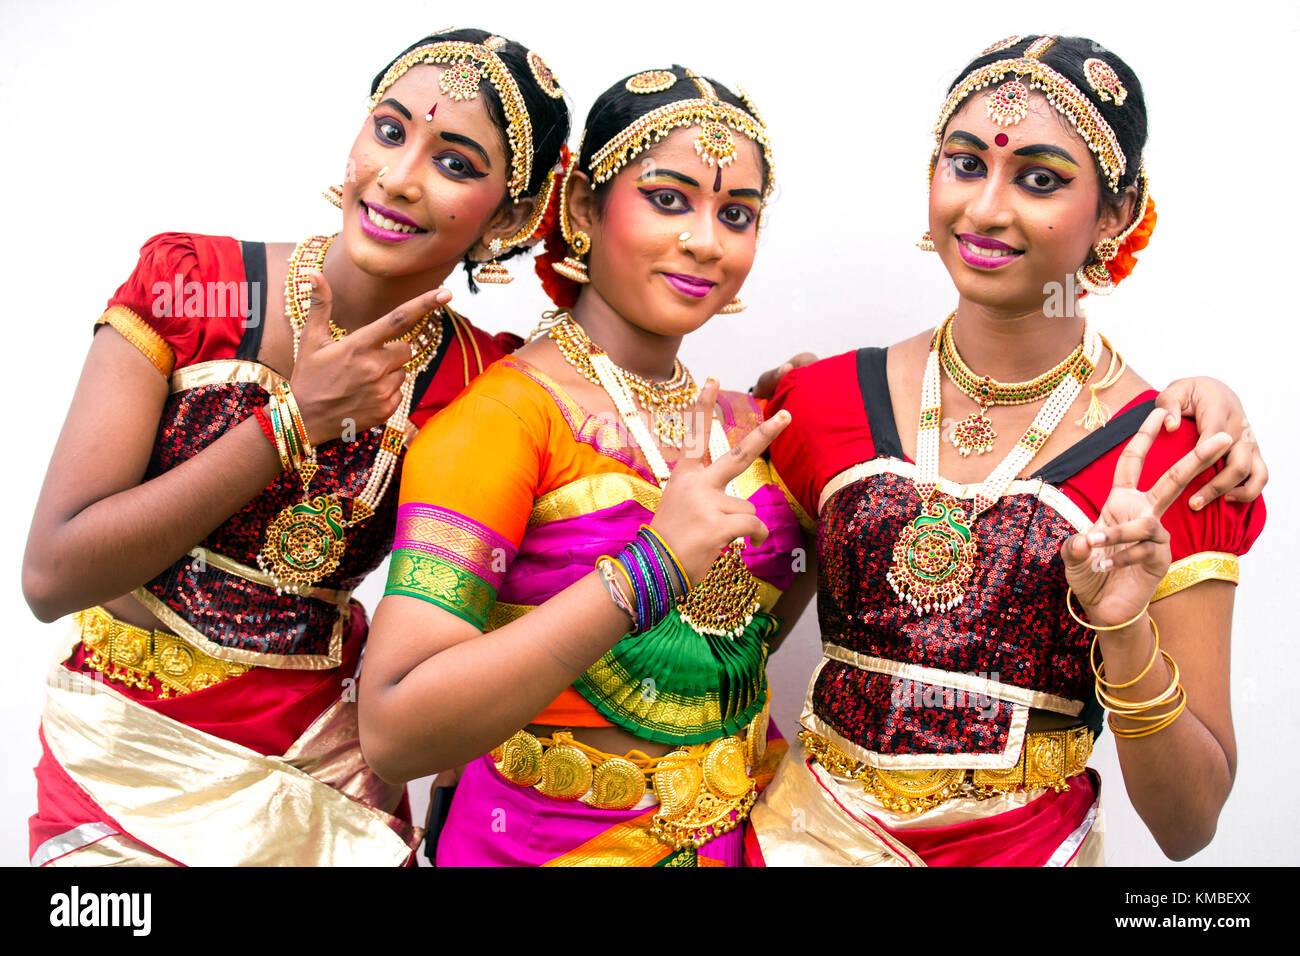 Retrato de adultos jóvenes artistas indios en traje tradicional durante el festival Thaipusam y celebraciones Imagen De Stock